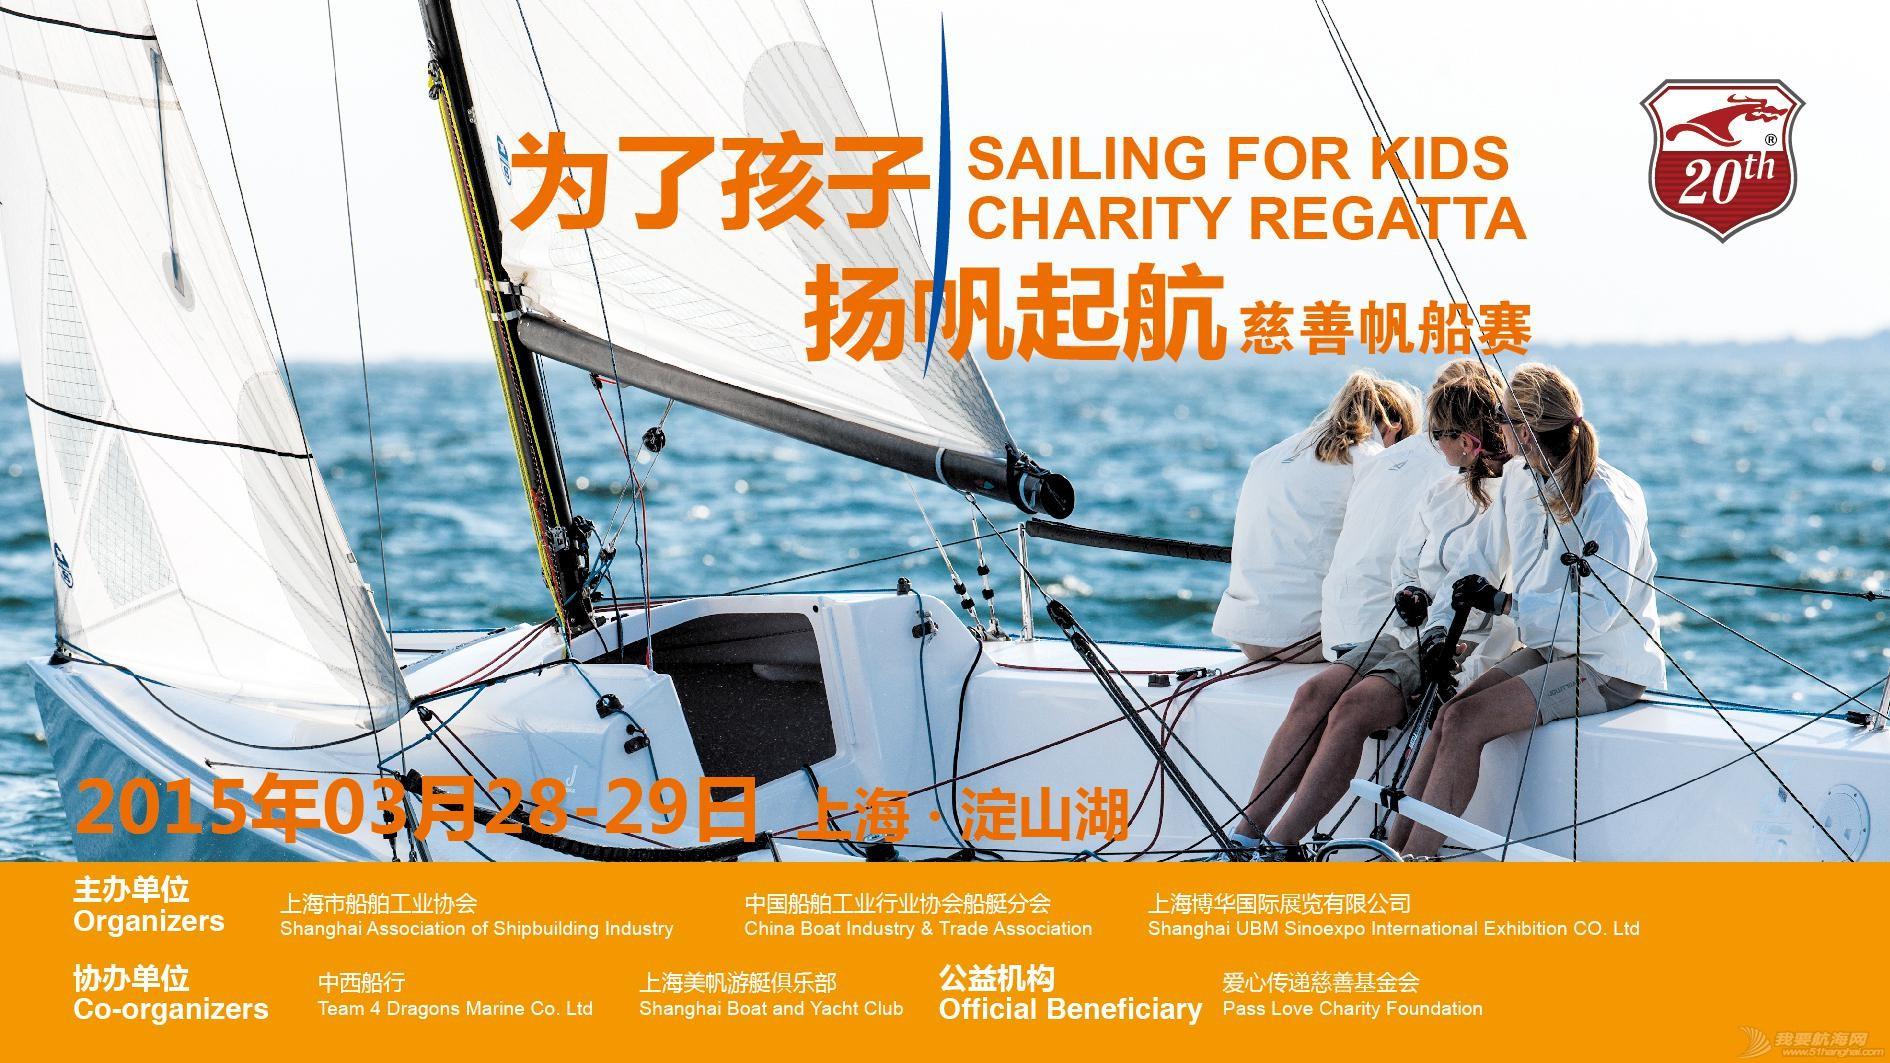 上海国际,有限公司,碧海蓝天,水上运动,为了孩子 艇进上海,艇动全城,上海游艇节即将开幕 1.jpg